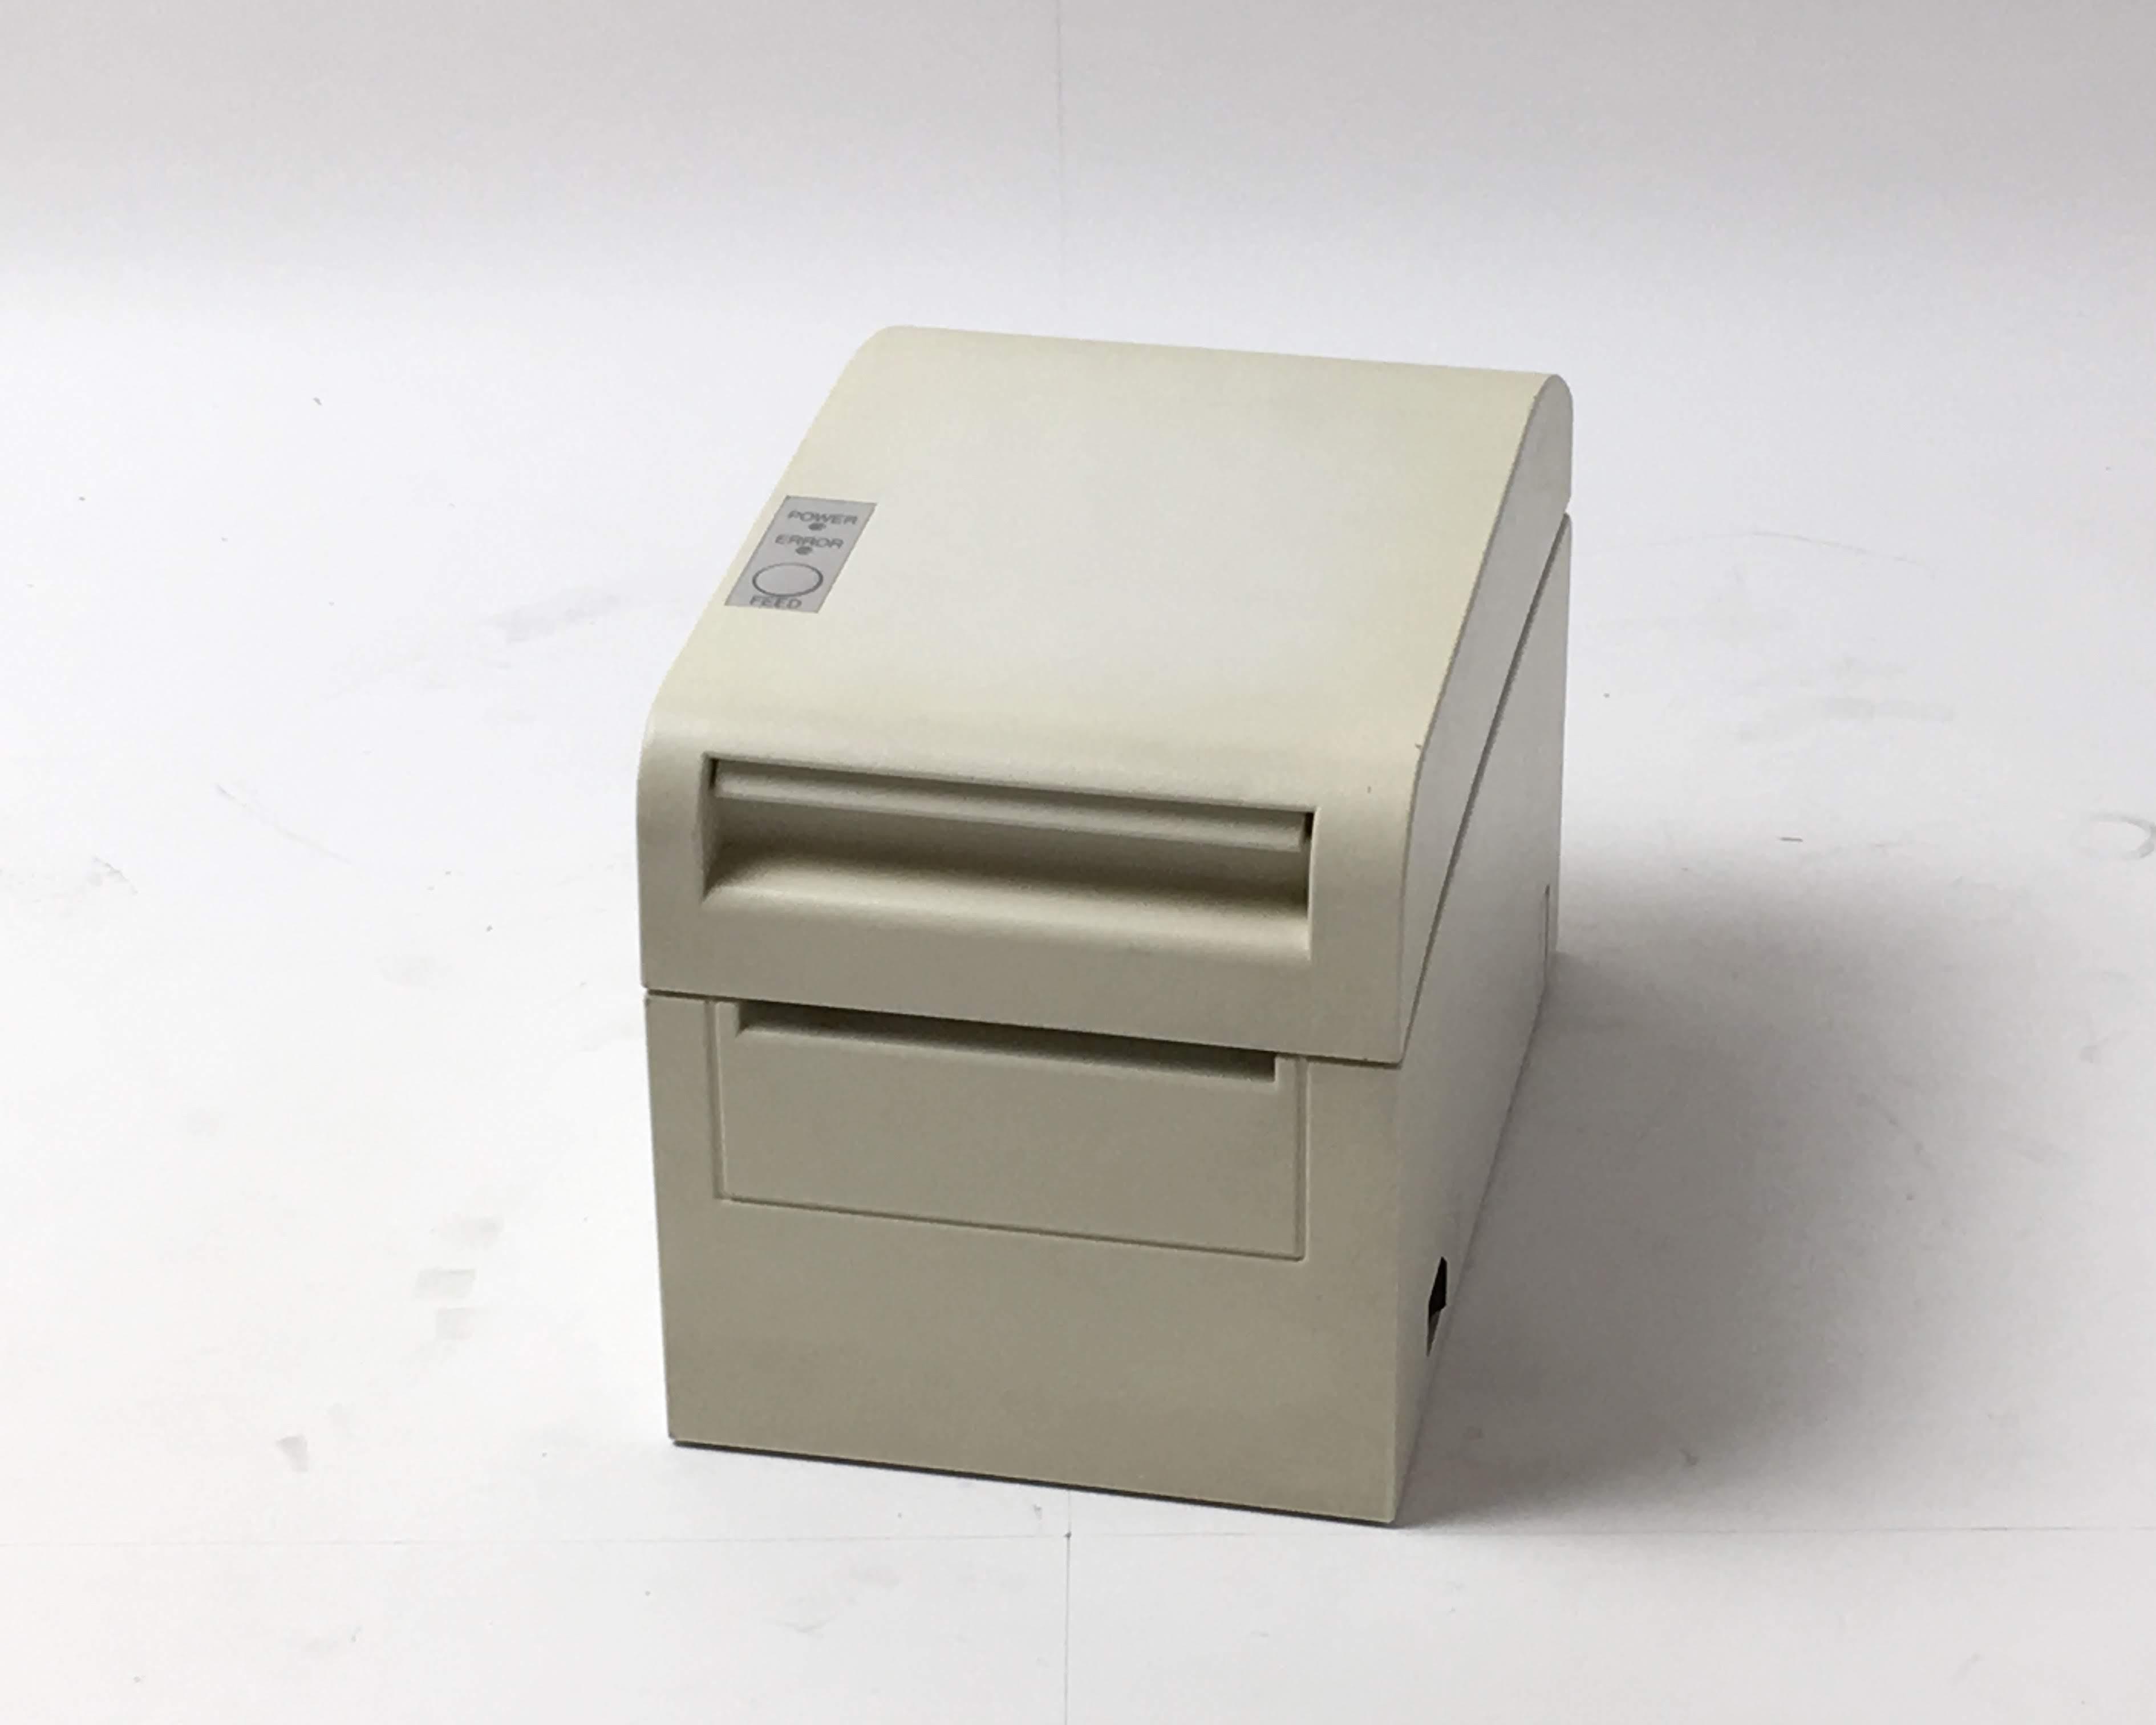 【お買得中古】富士通 レシートプリンター FP-510 メイン画像